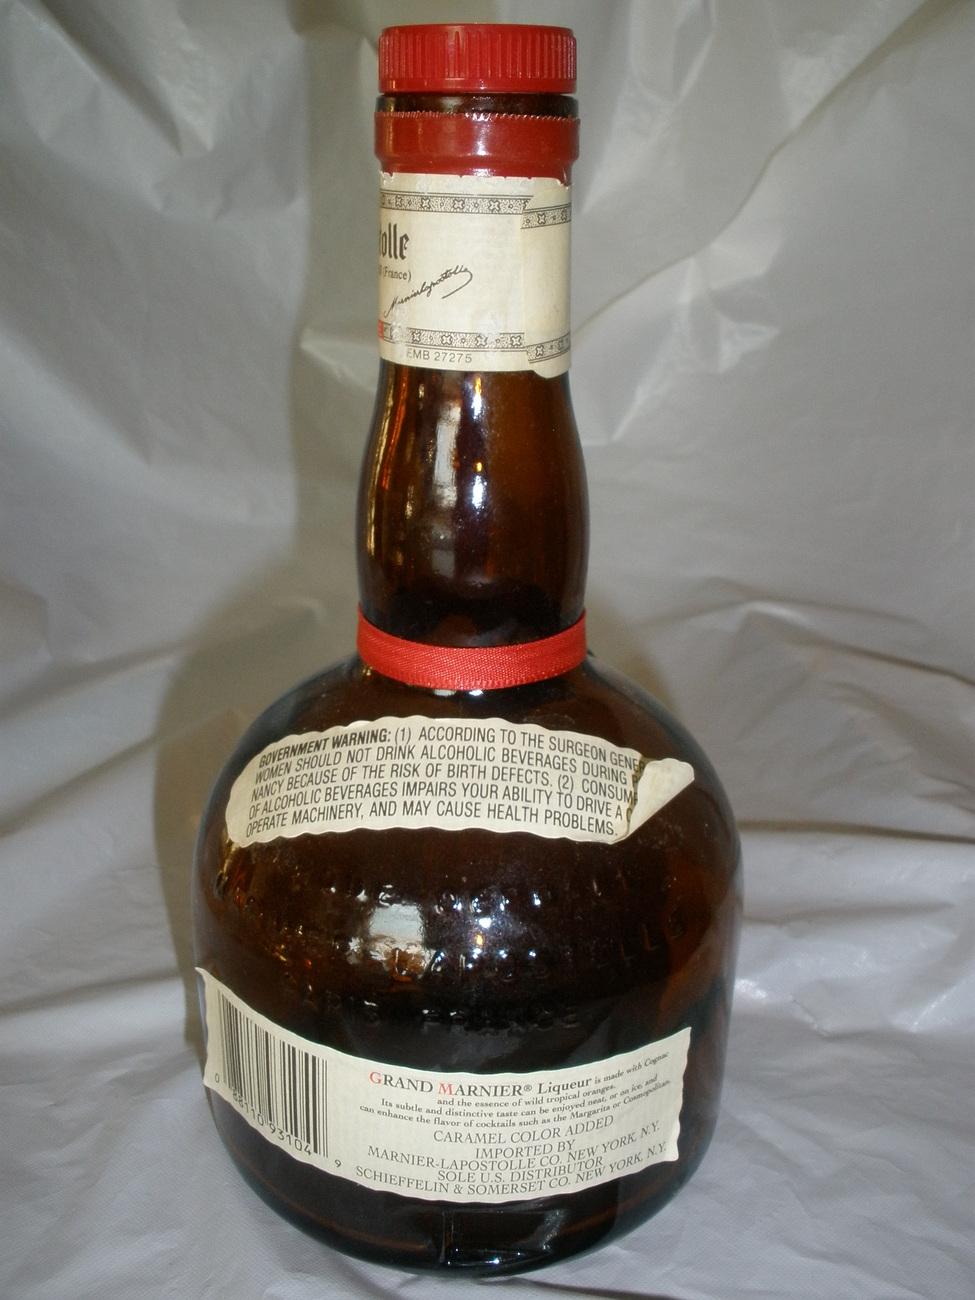 Grand Mariner Bottle